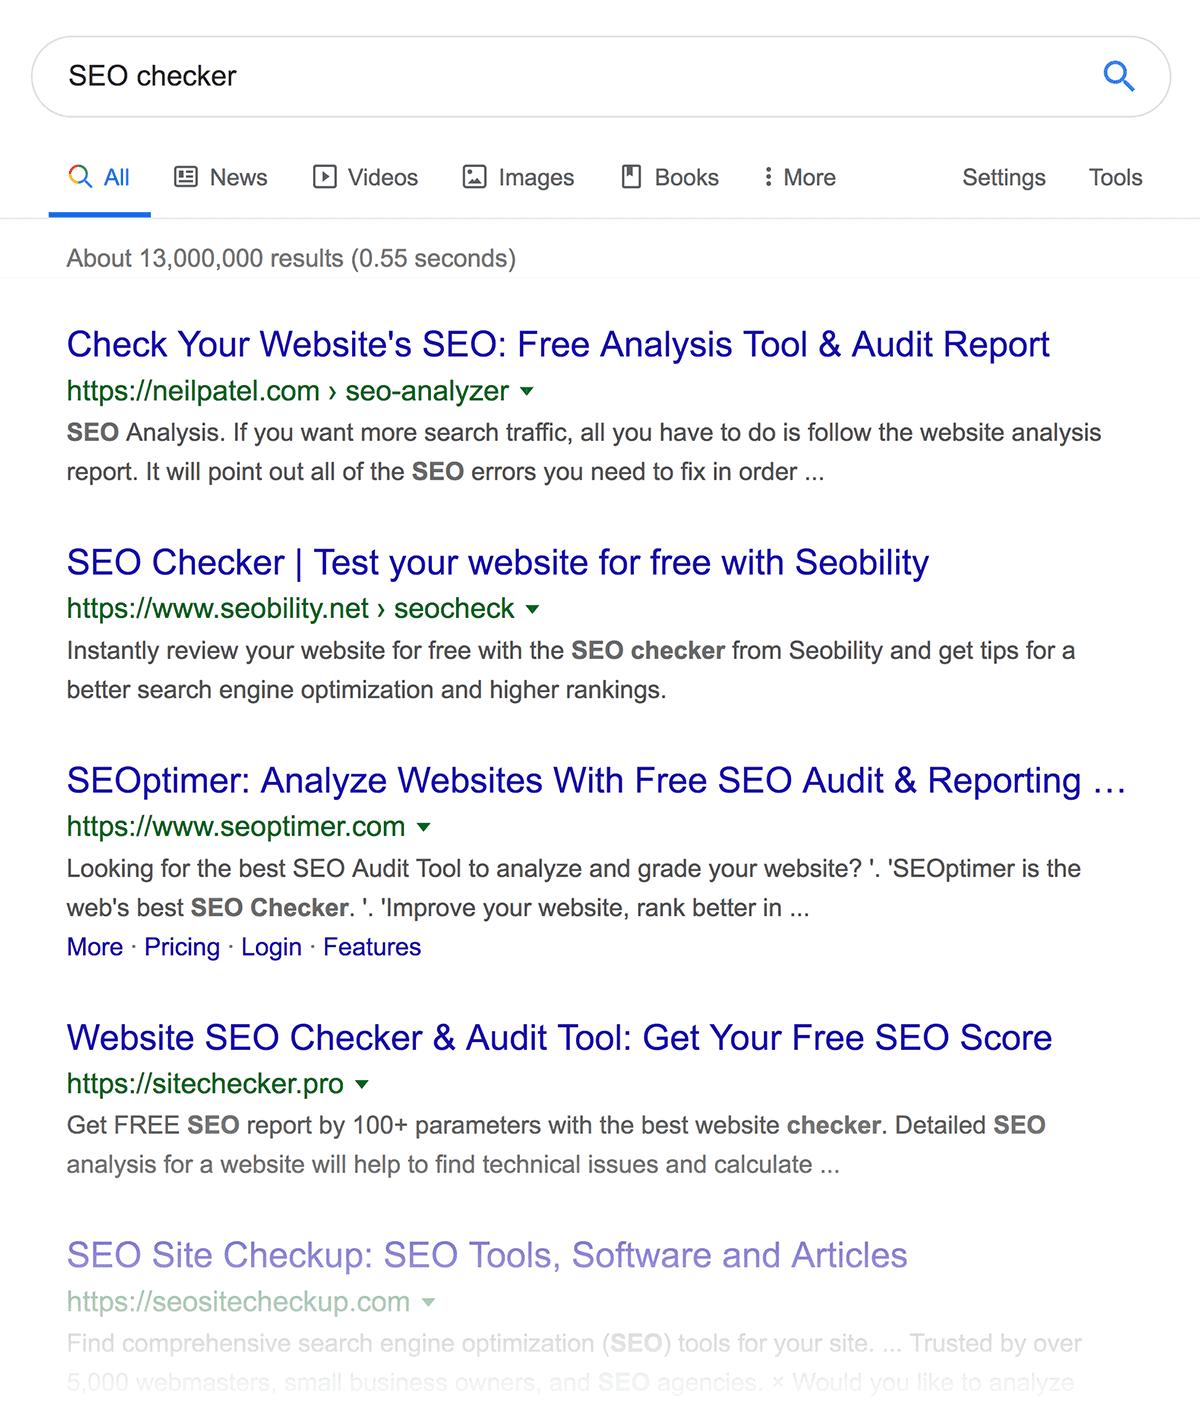 """""""SEO checker"""" search results"""